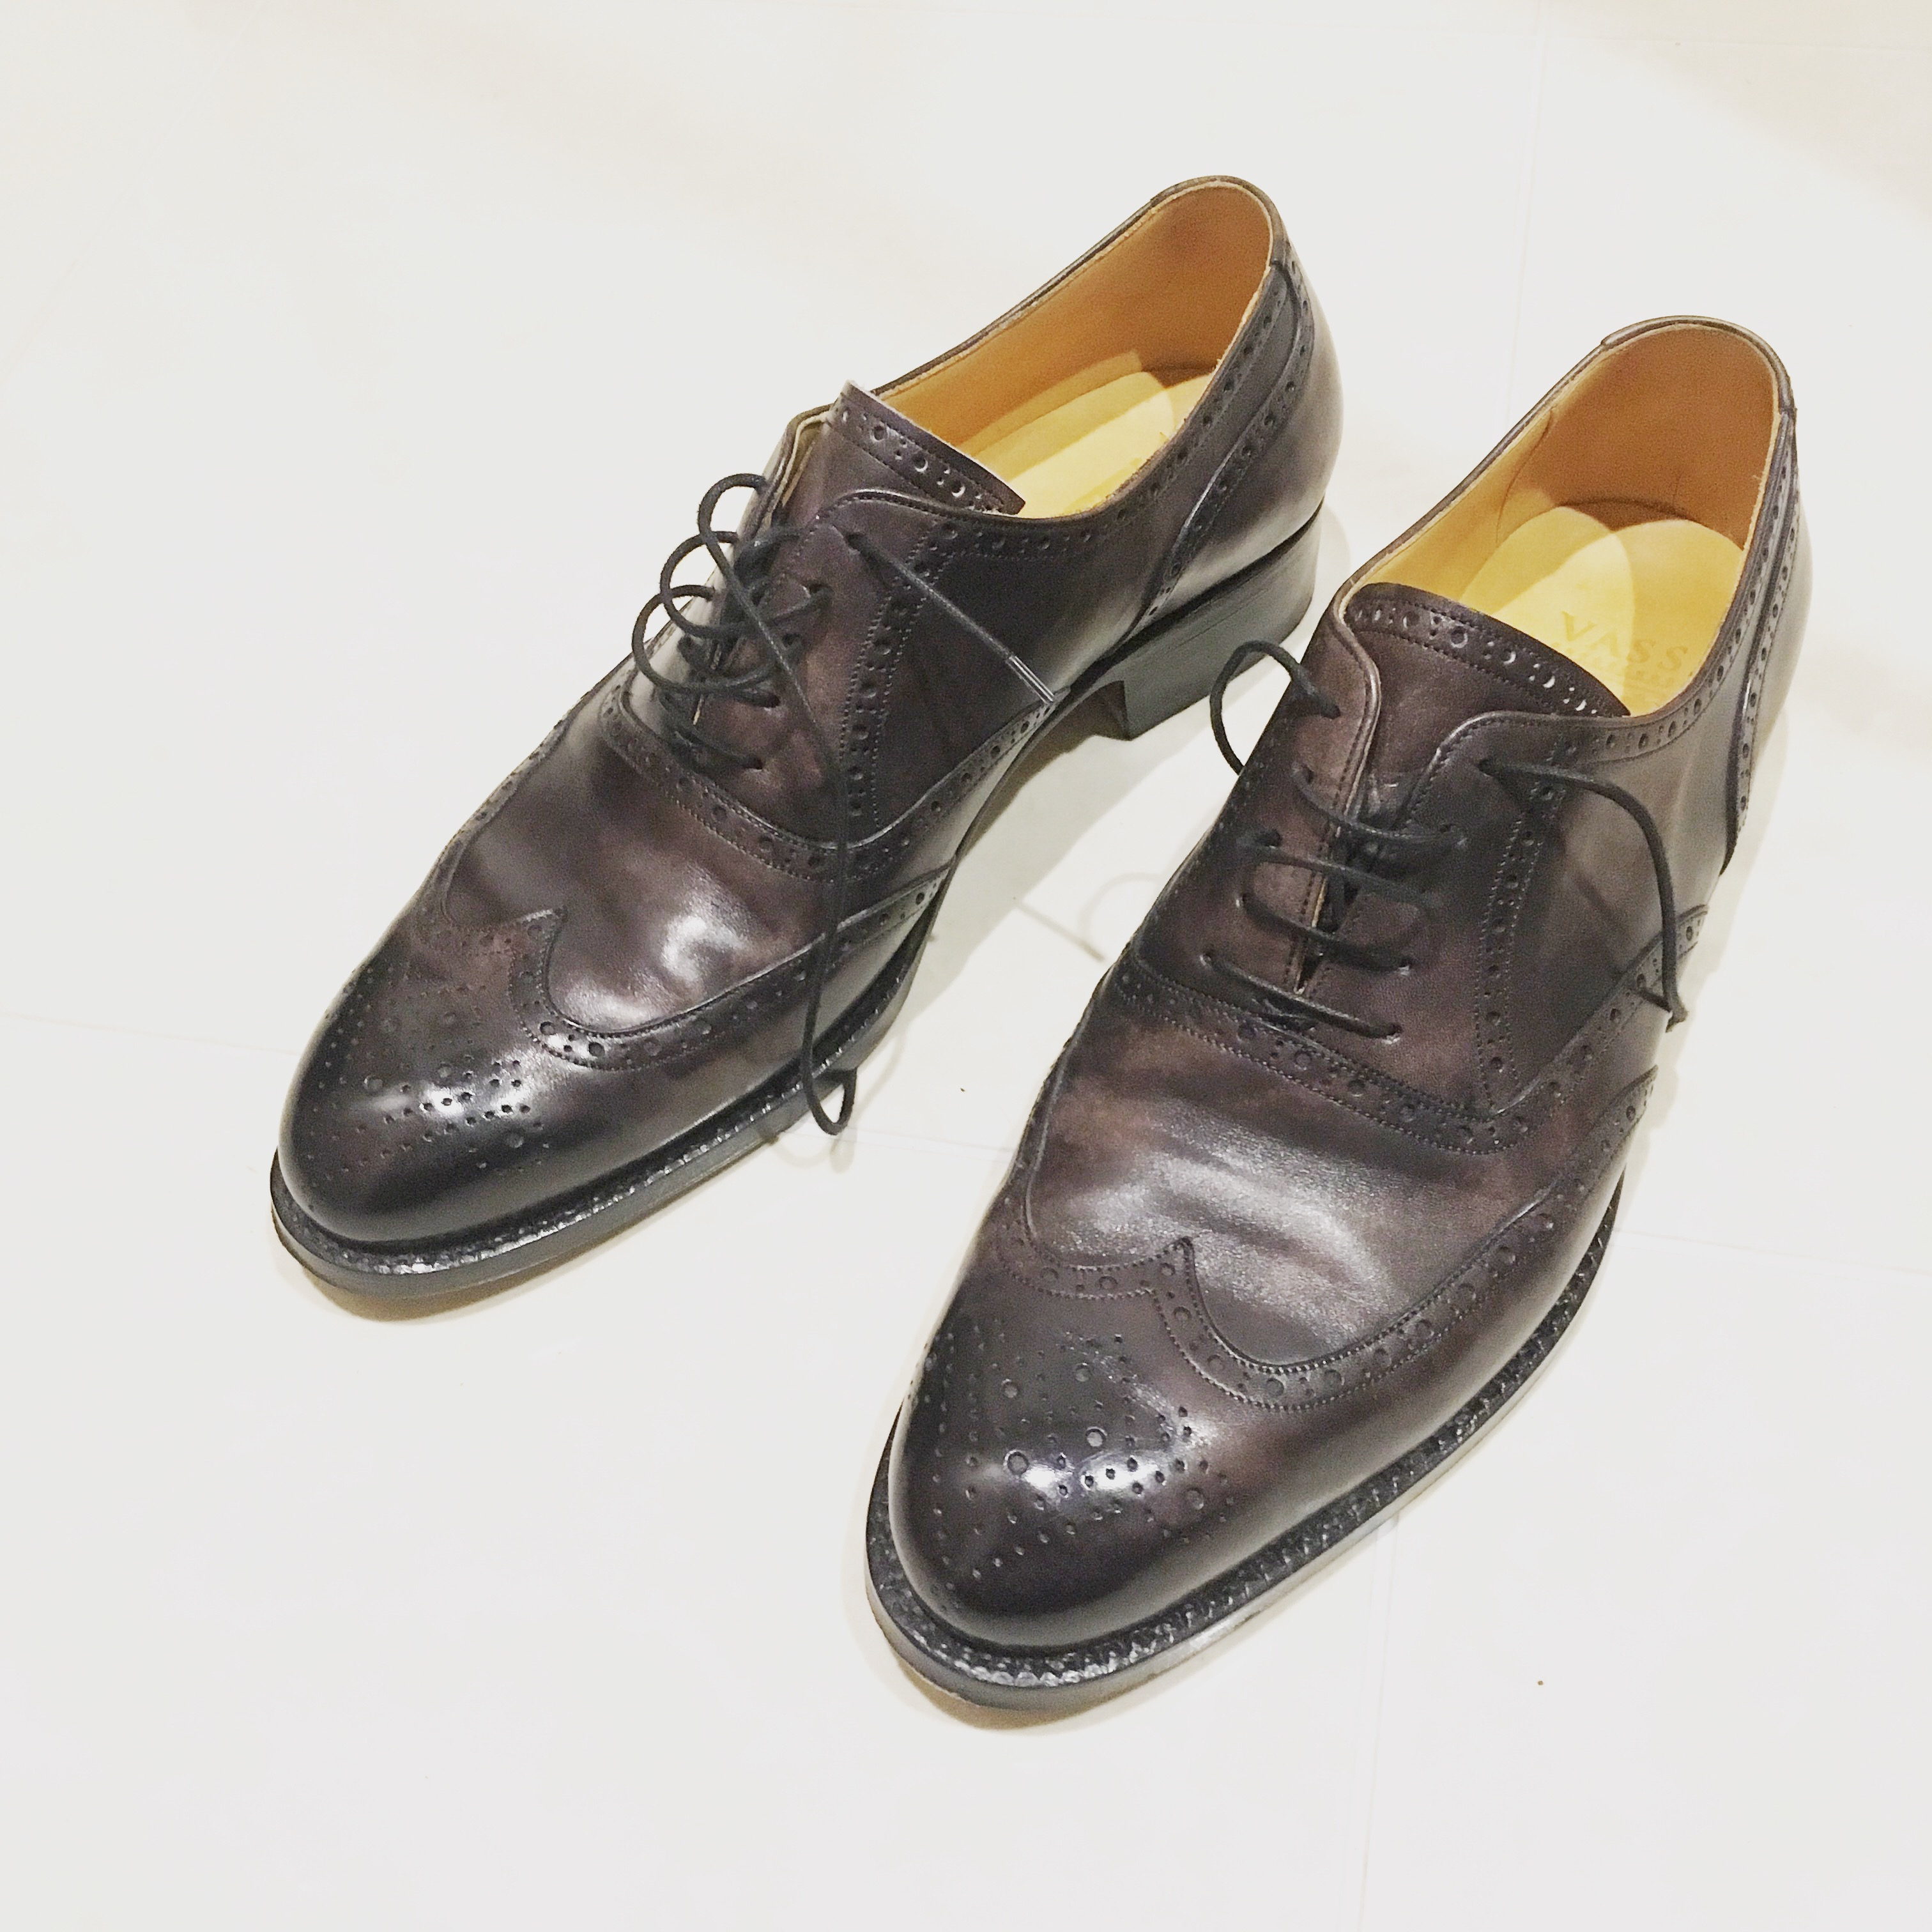 【写真】シワ入れ後のミュージアムカーフの靴!!こんなシワです。